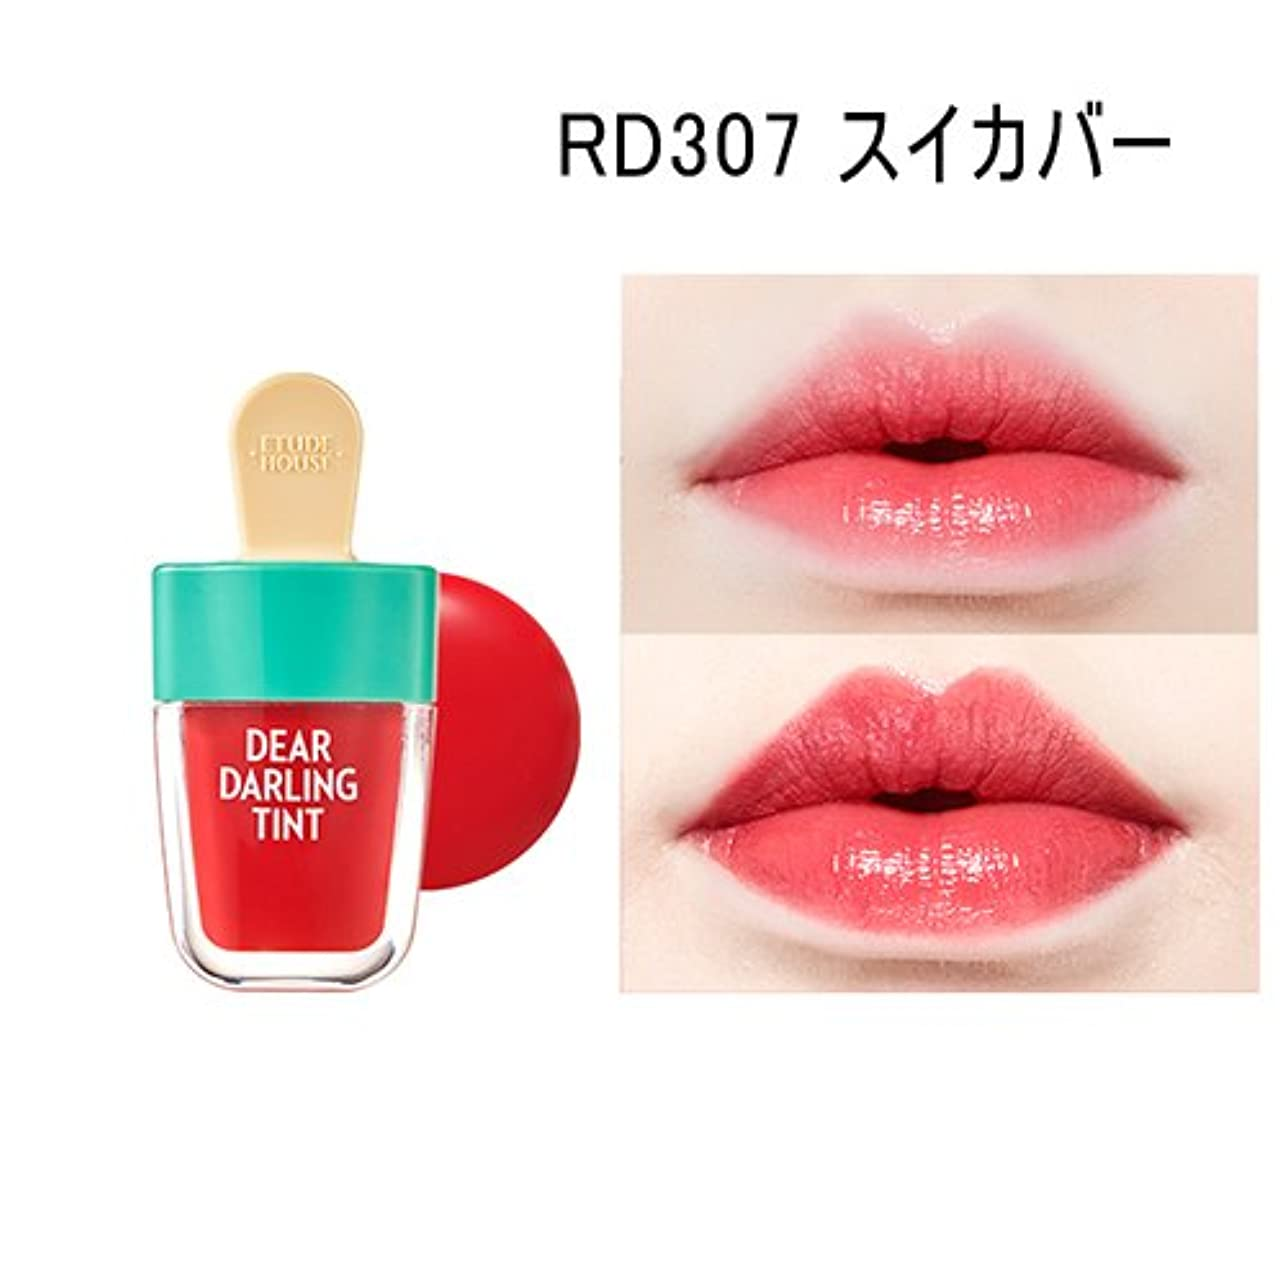 スポークスマンも賃金Etude House(エチュードハウス) [夏限定]ディアー ダーリン ウォータージェル ティント/Dear Darling Water Gel Tint(4.5g) (RD307(スイカレッド)) [並行輸入品]